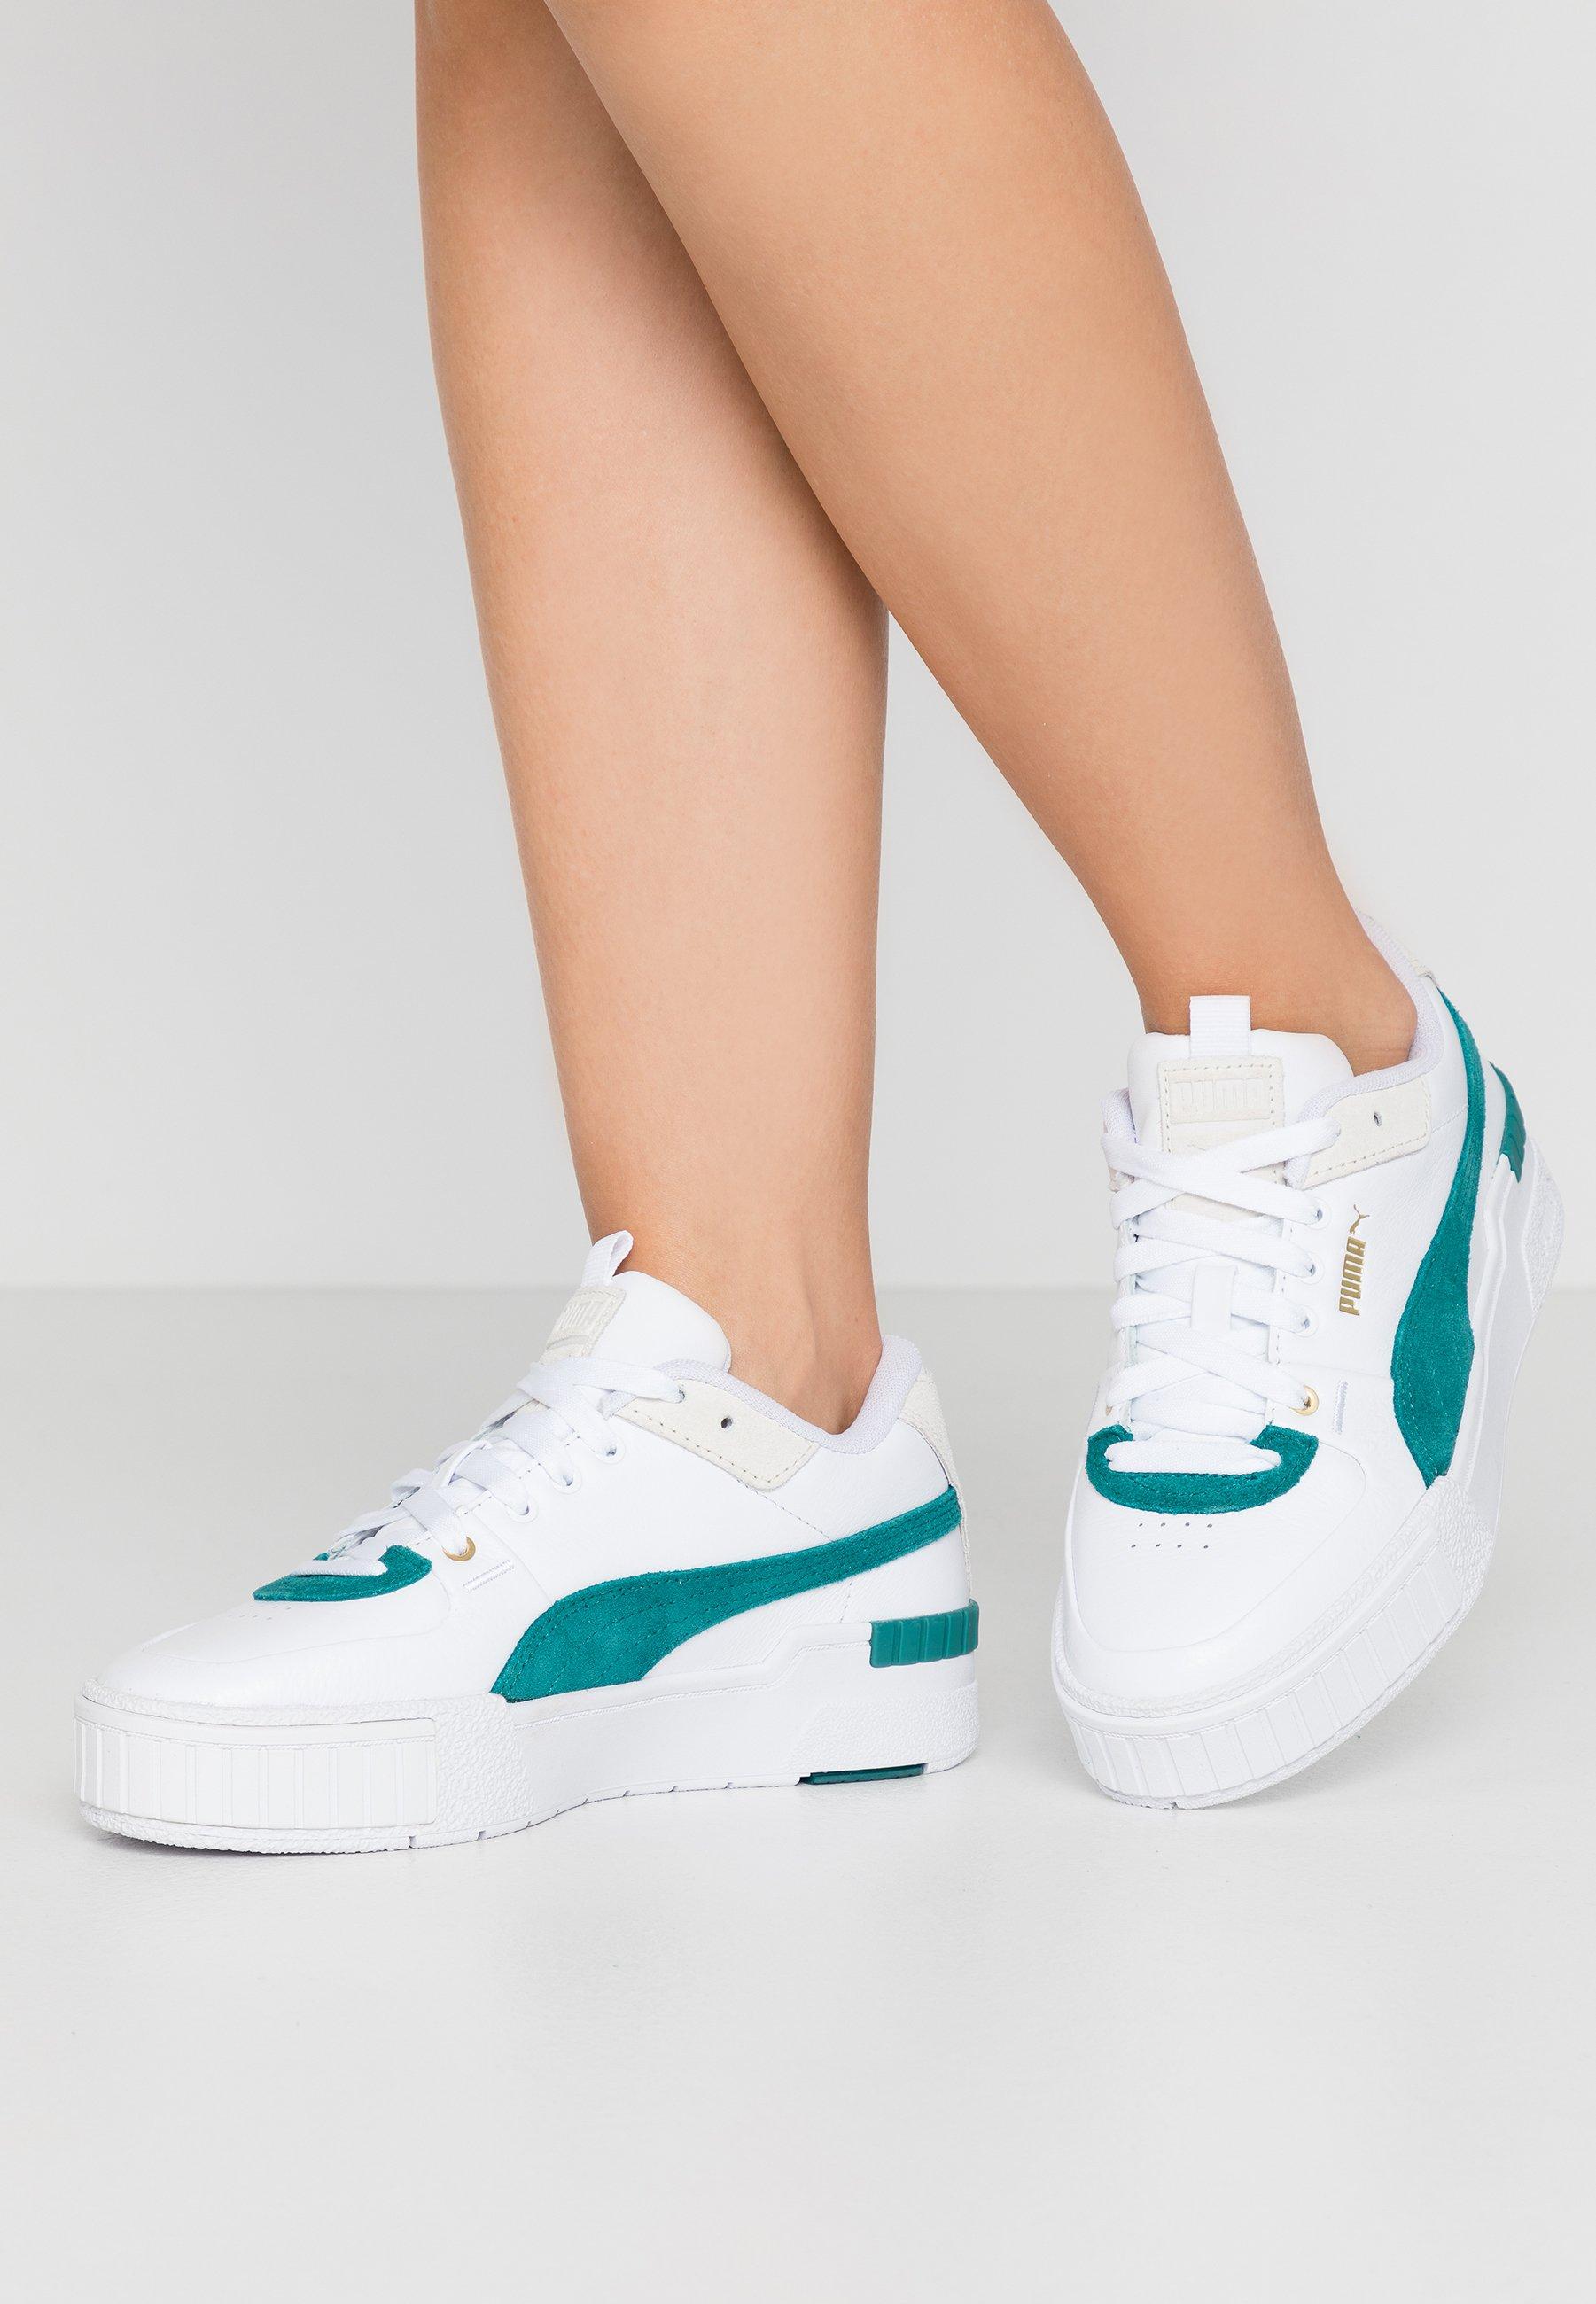 Chaussures femme en promo | Tous les articles chez Zalando